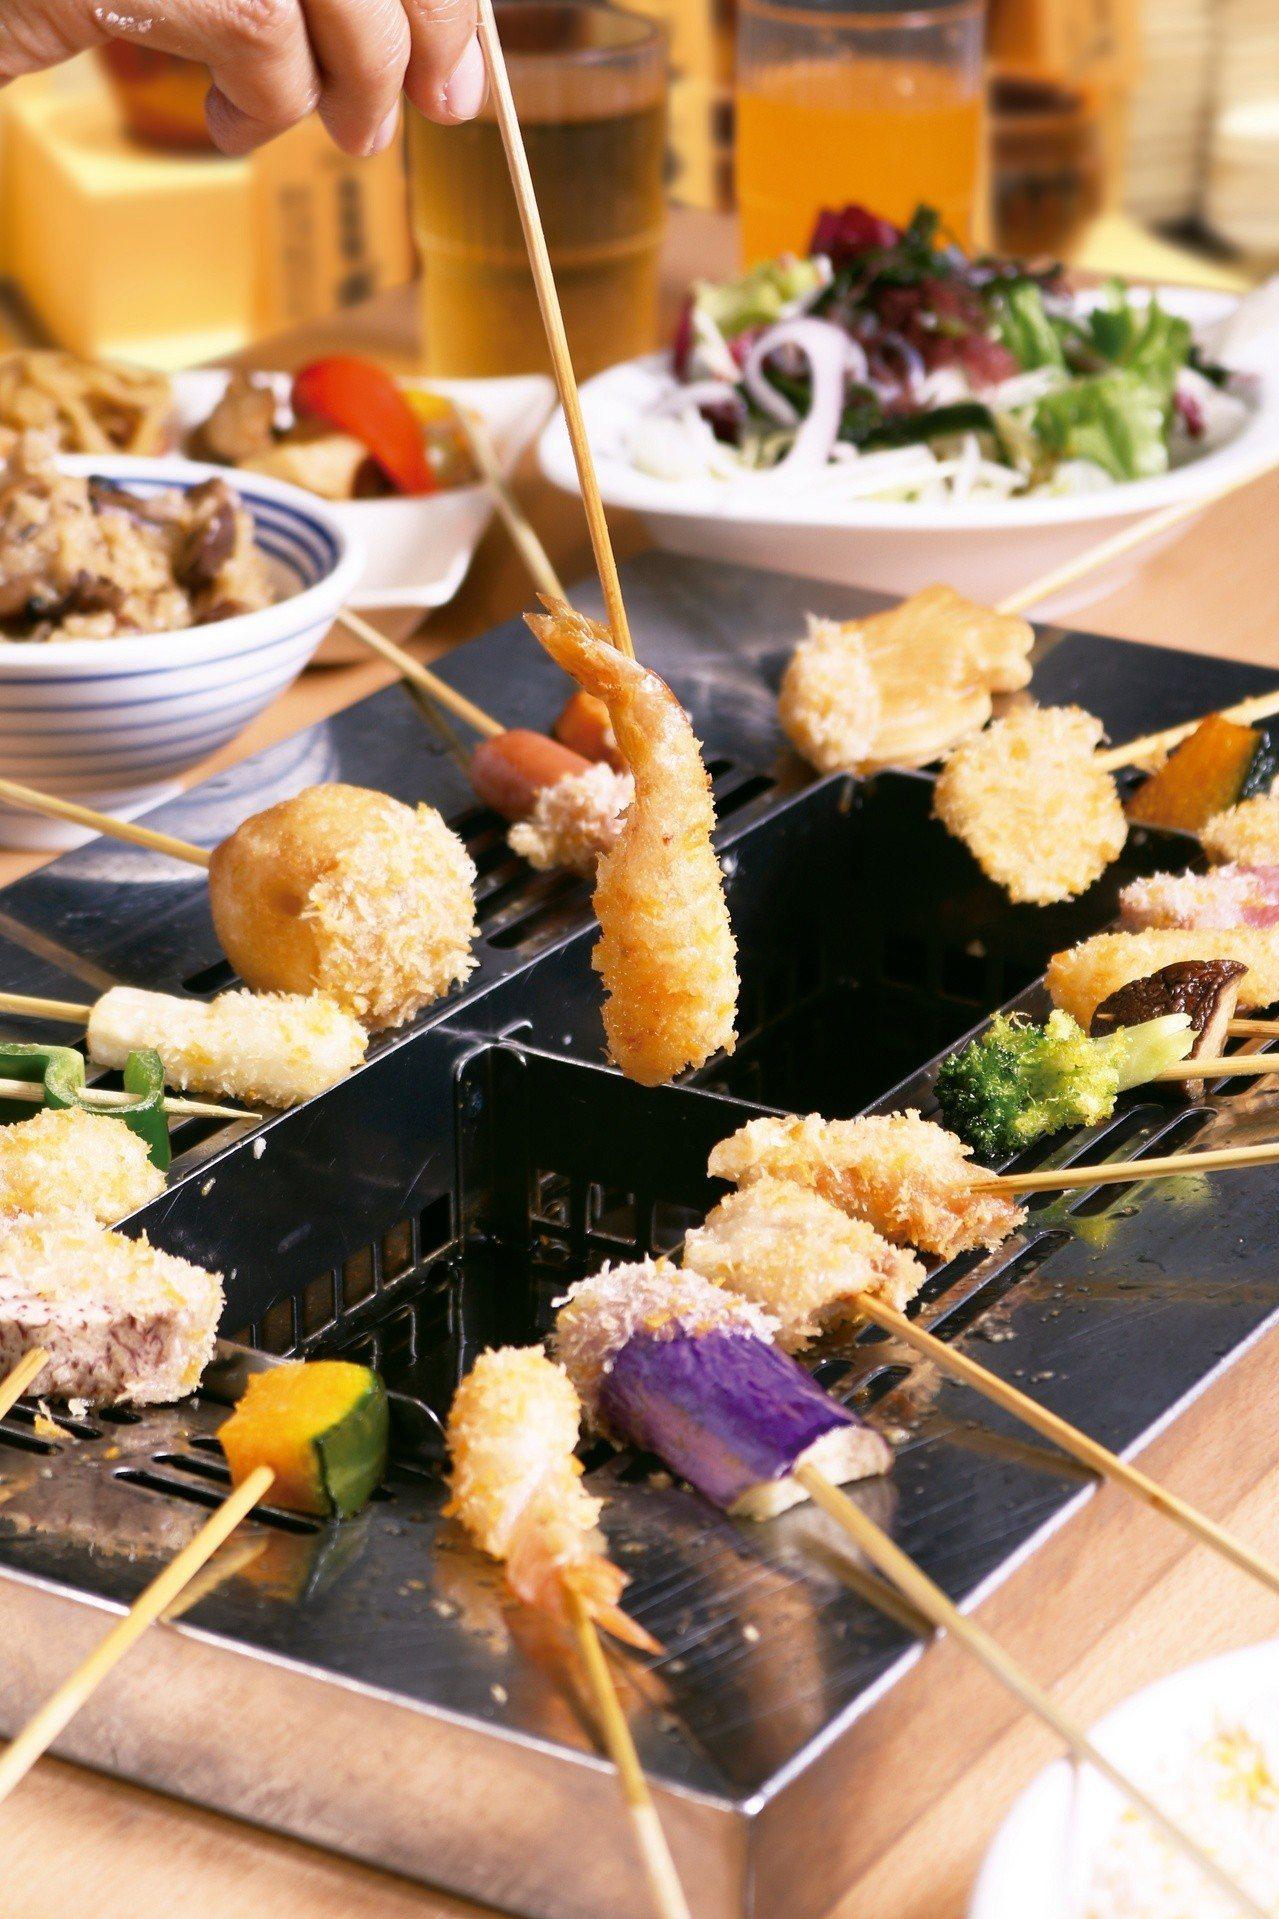 遠東百貨板橋中山店引進「串家物語」,是新北首家吃到飽串炸餐廳。圖/遠東百貨提供